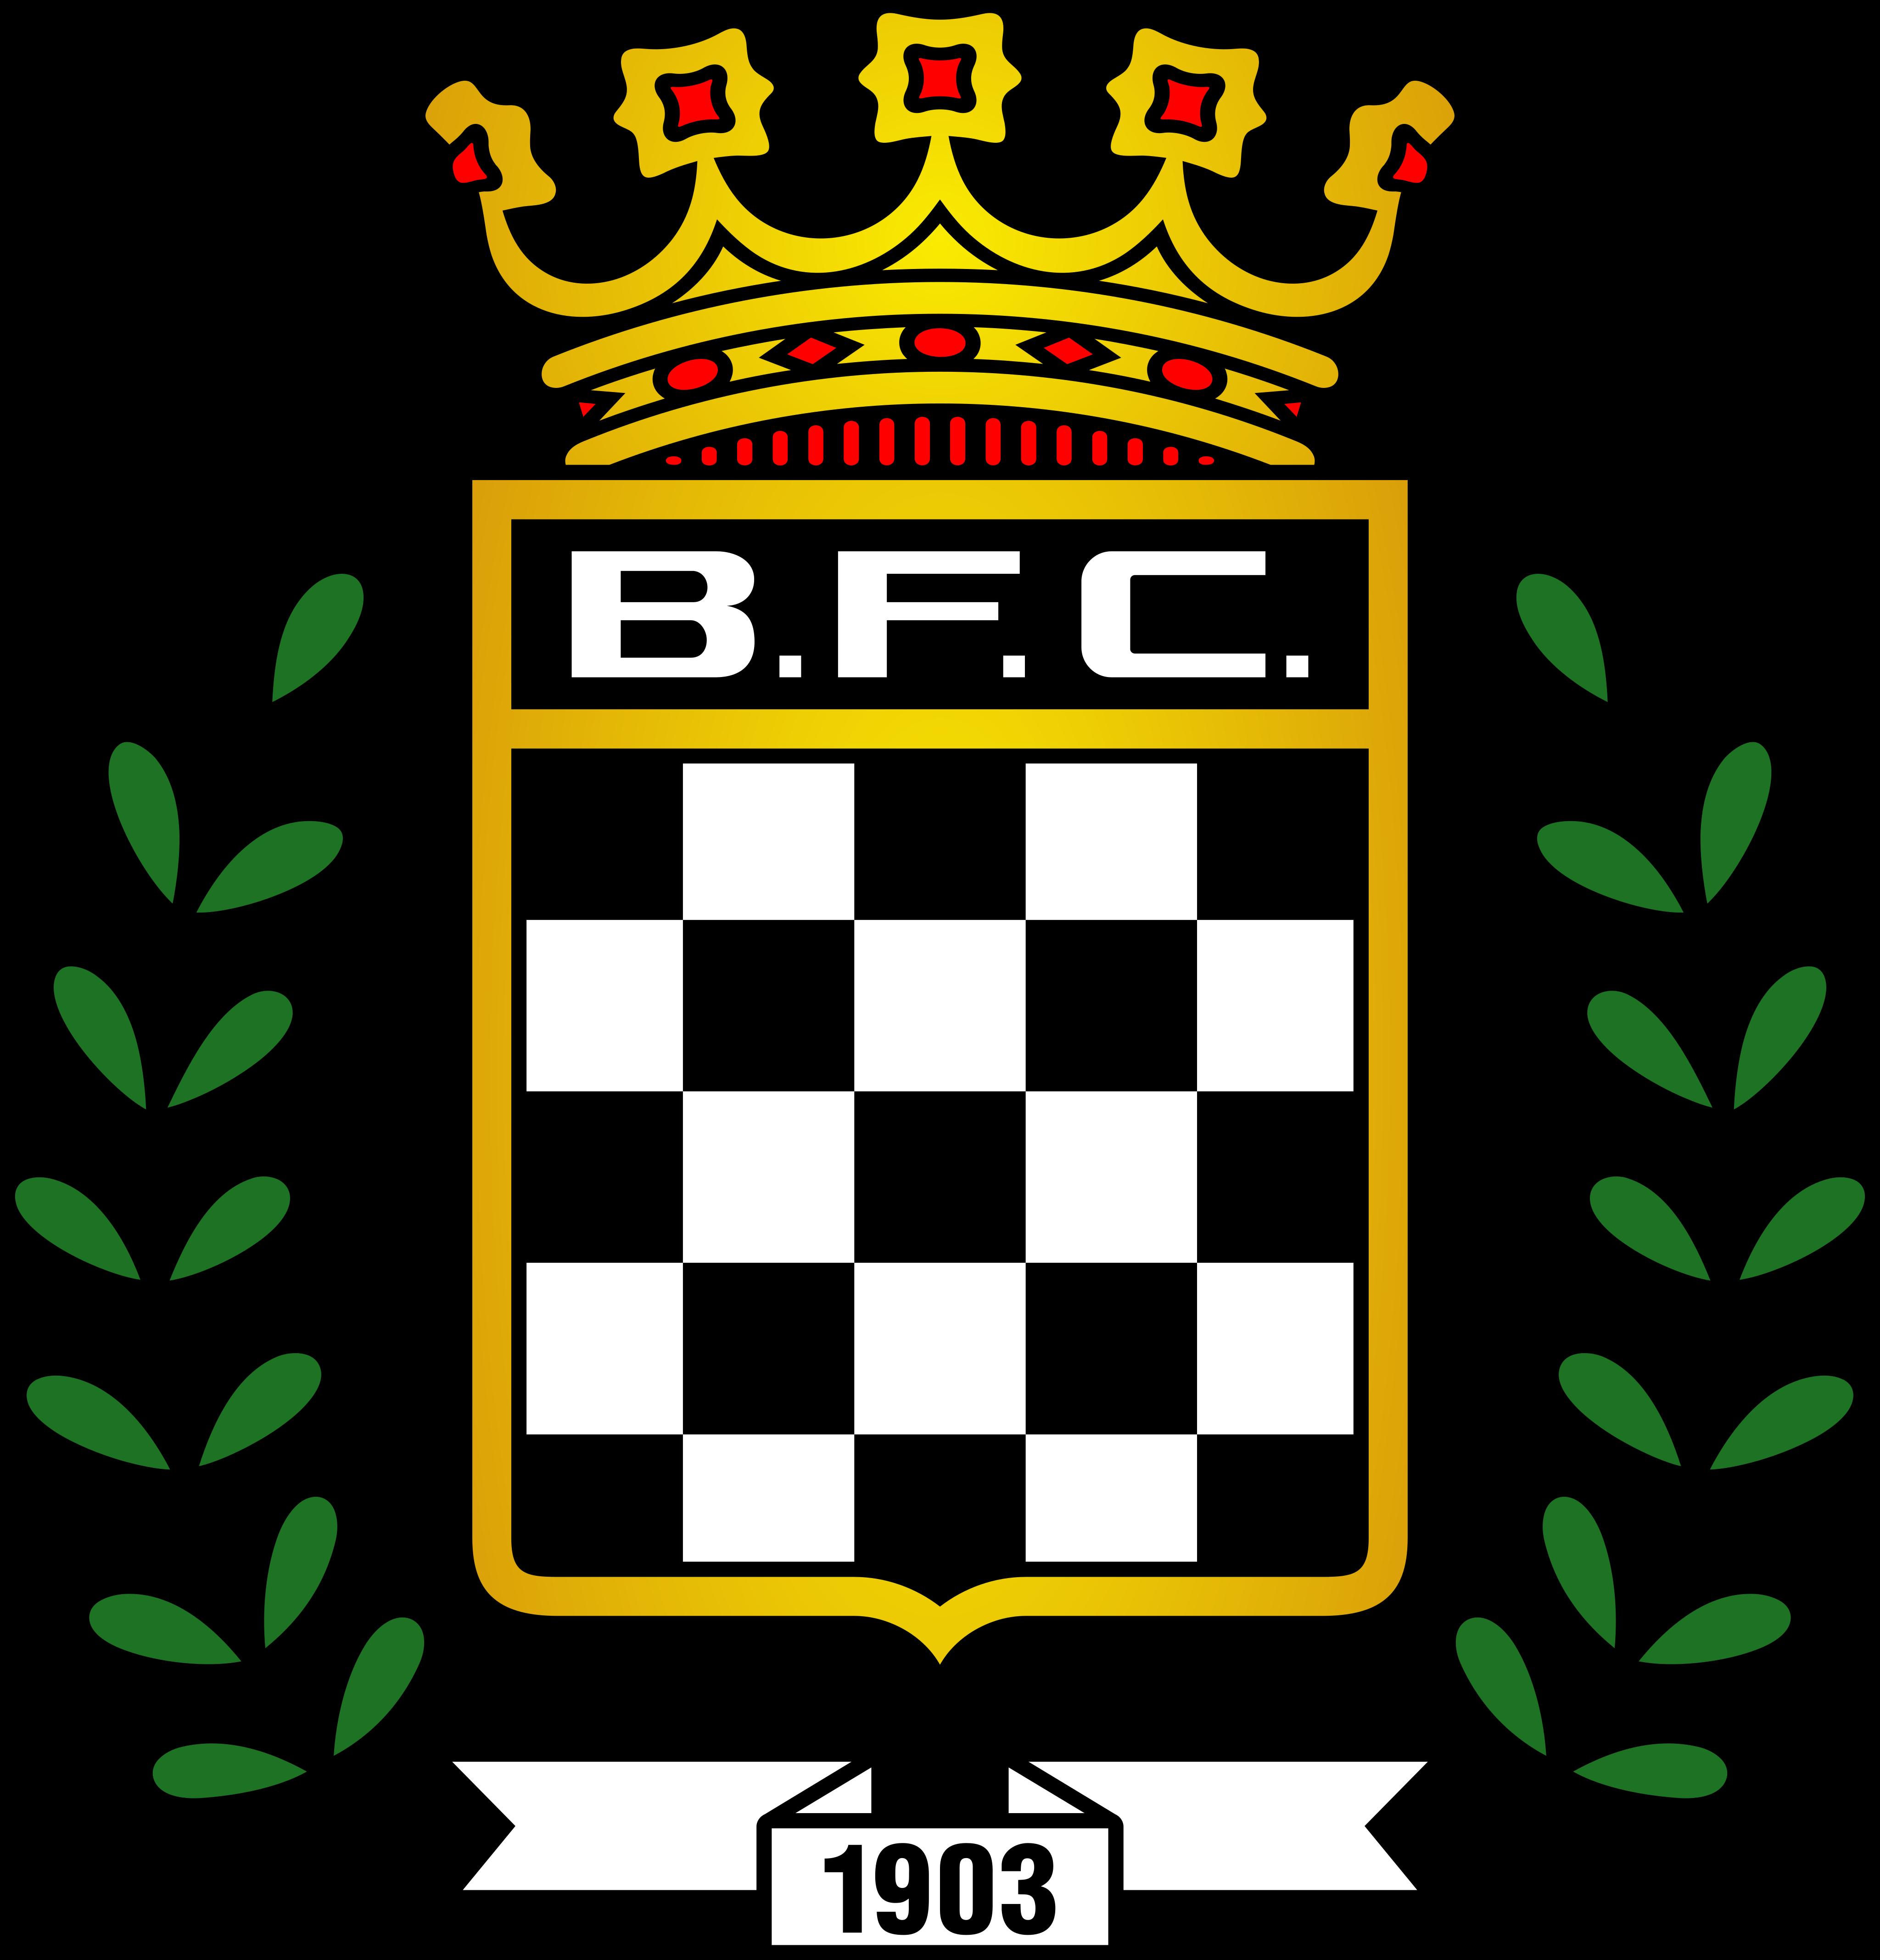 boavista fc logo - Boavista FC Logo